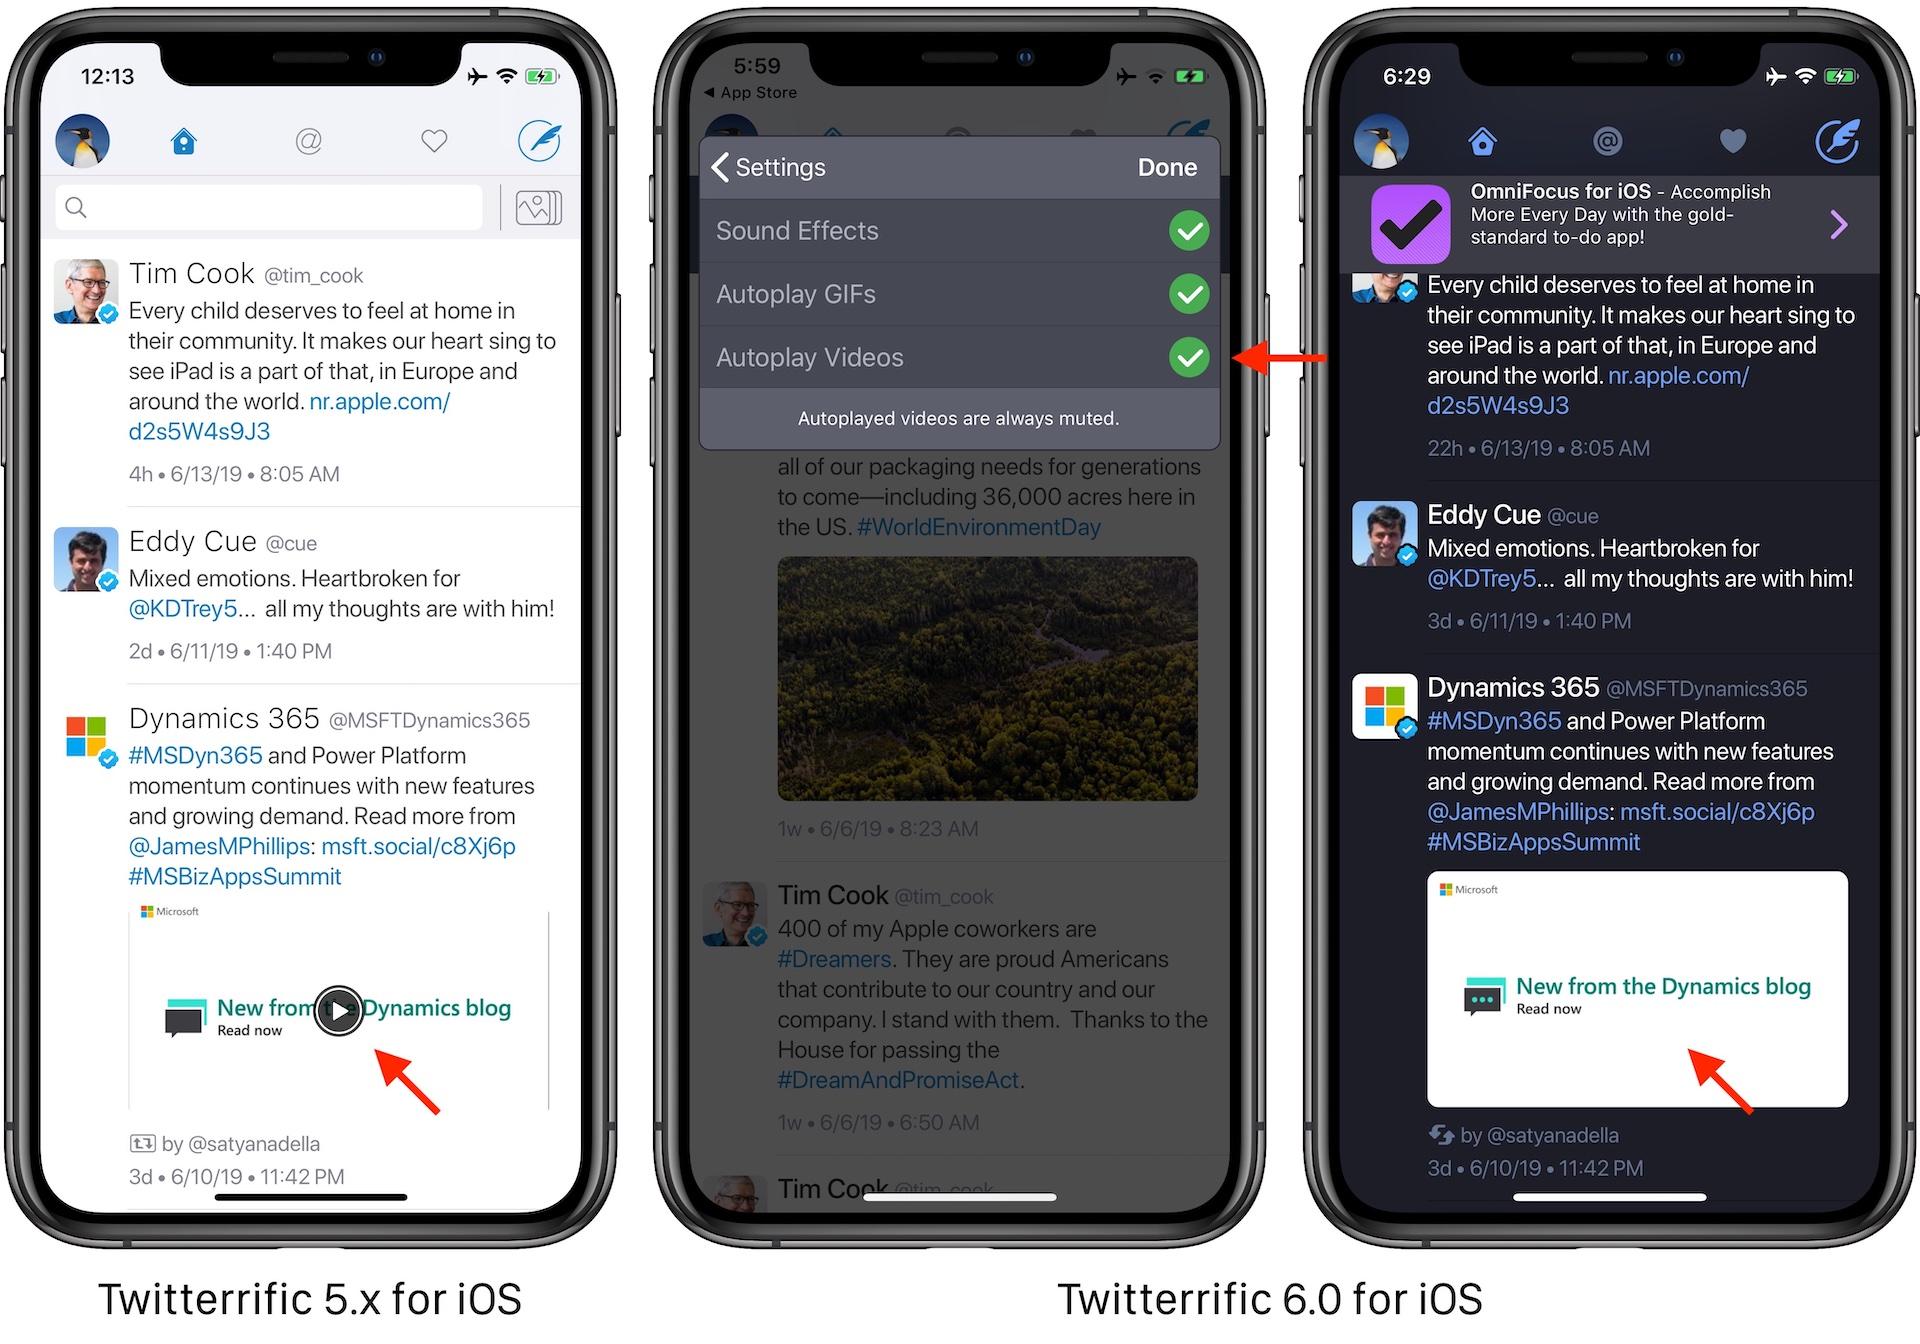 Twitterrific 6.0 for iOSのインライン再生